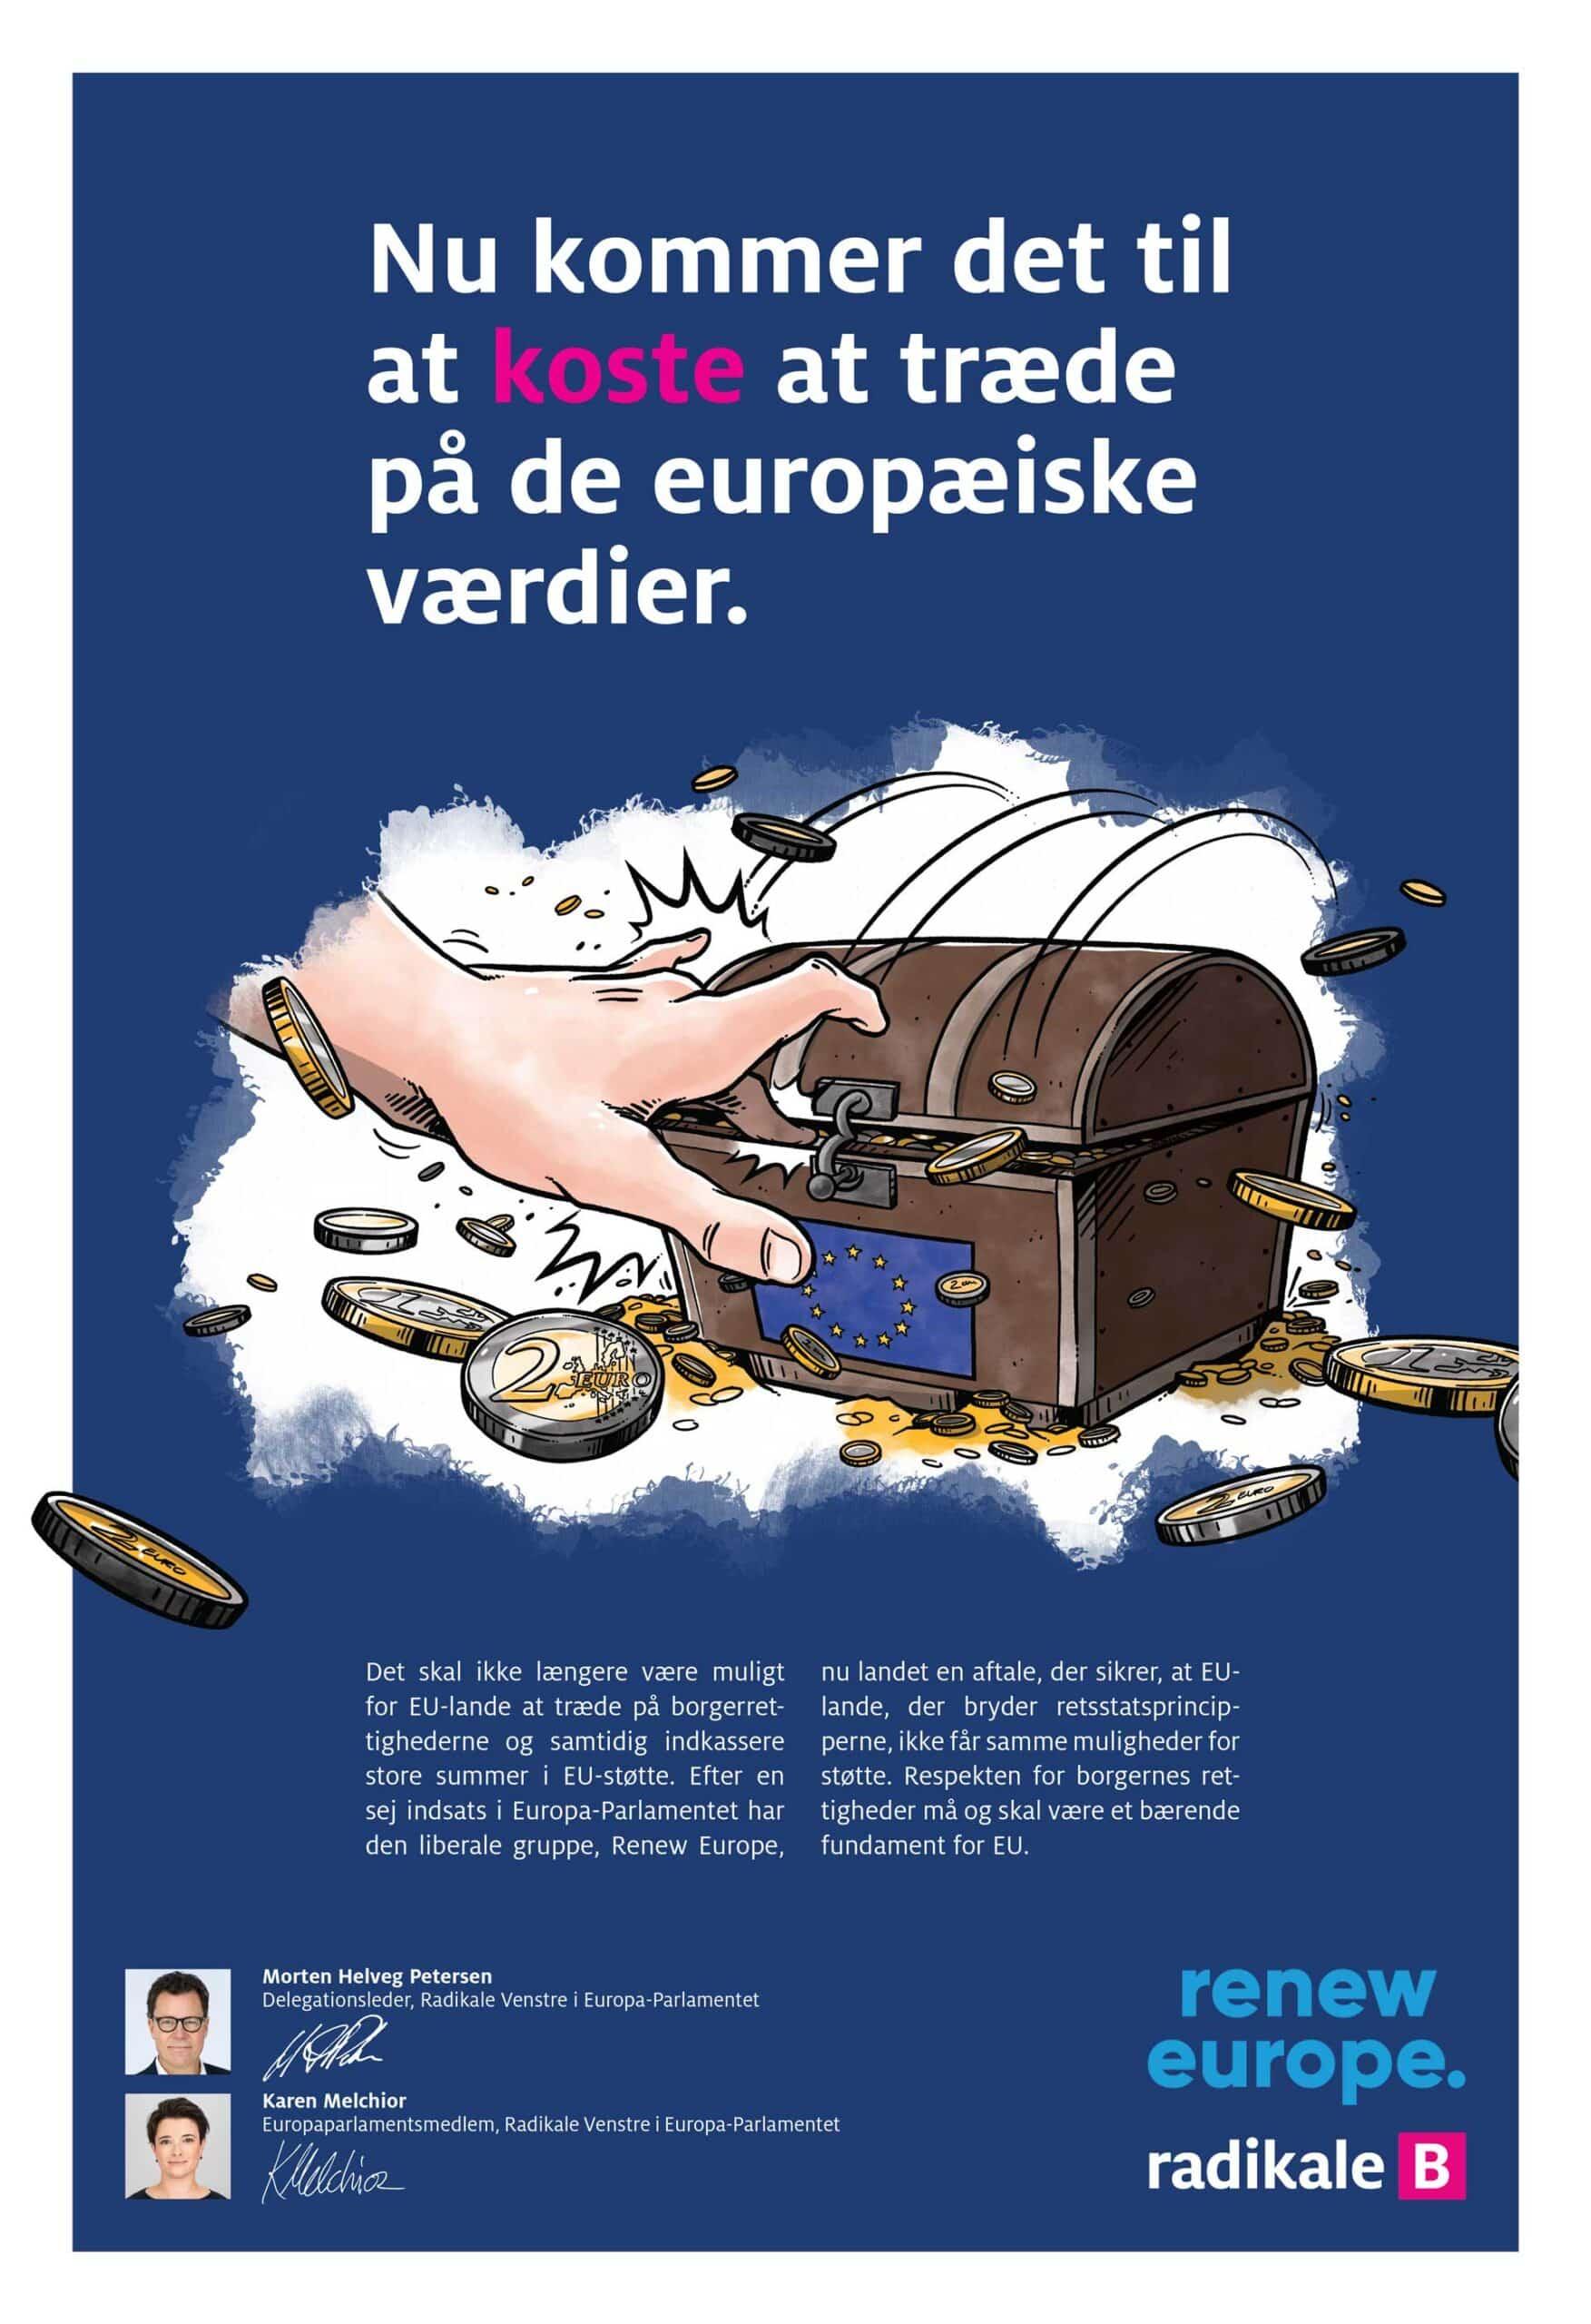 Artikelillustrationer for Radikale Venstre: Nu kommer det til at koste at træde på de europæiske værdier